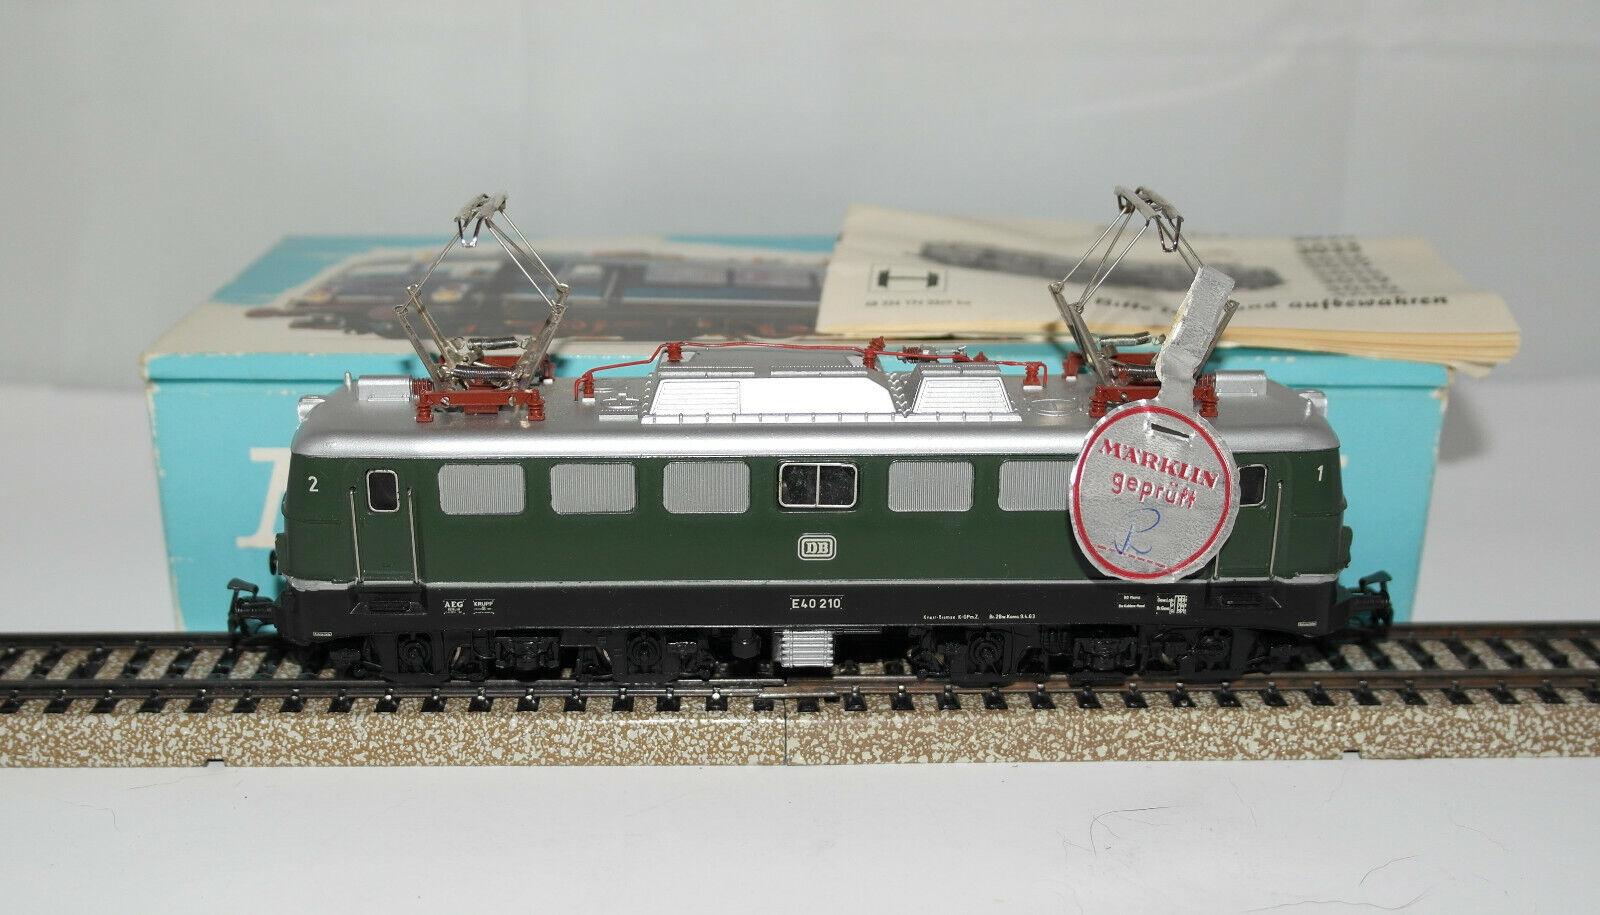 オリジナルの箱で優れたマークリンH 0:3040ロコLetelica DB BR E 40:1966